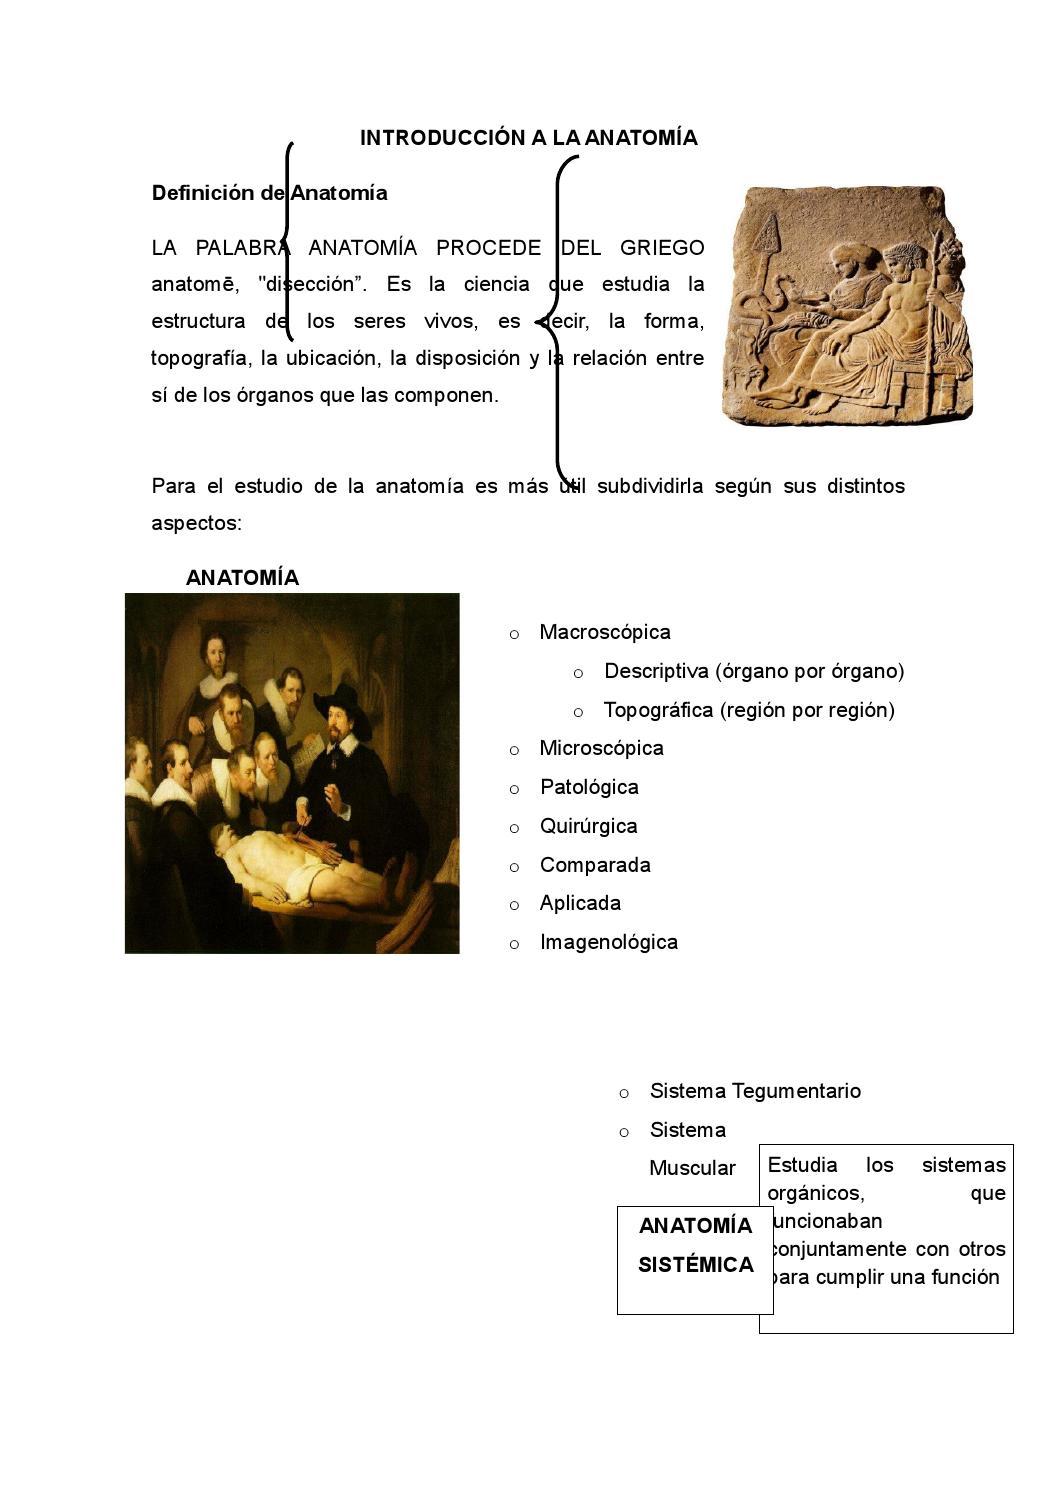 Introducción a la Anatomía by Diego Moreta - issuu